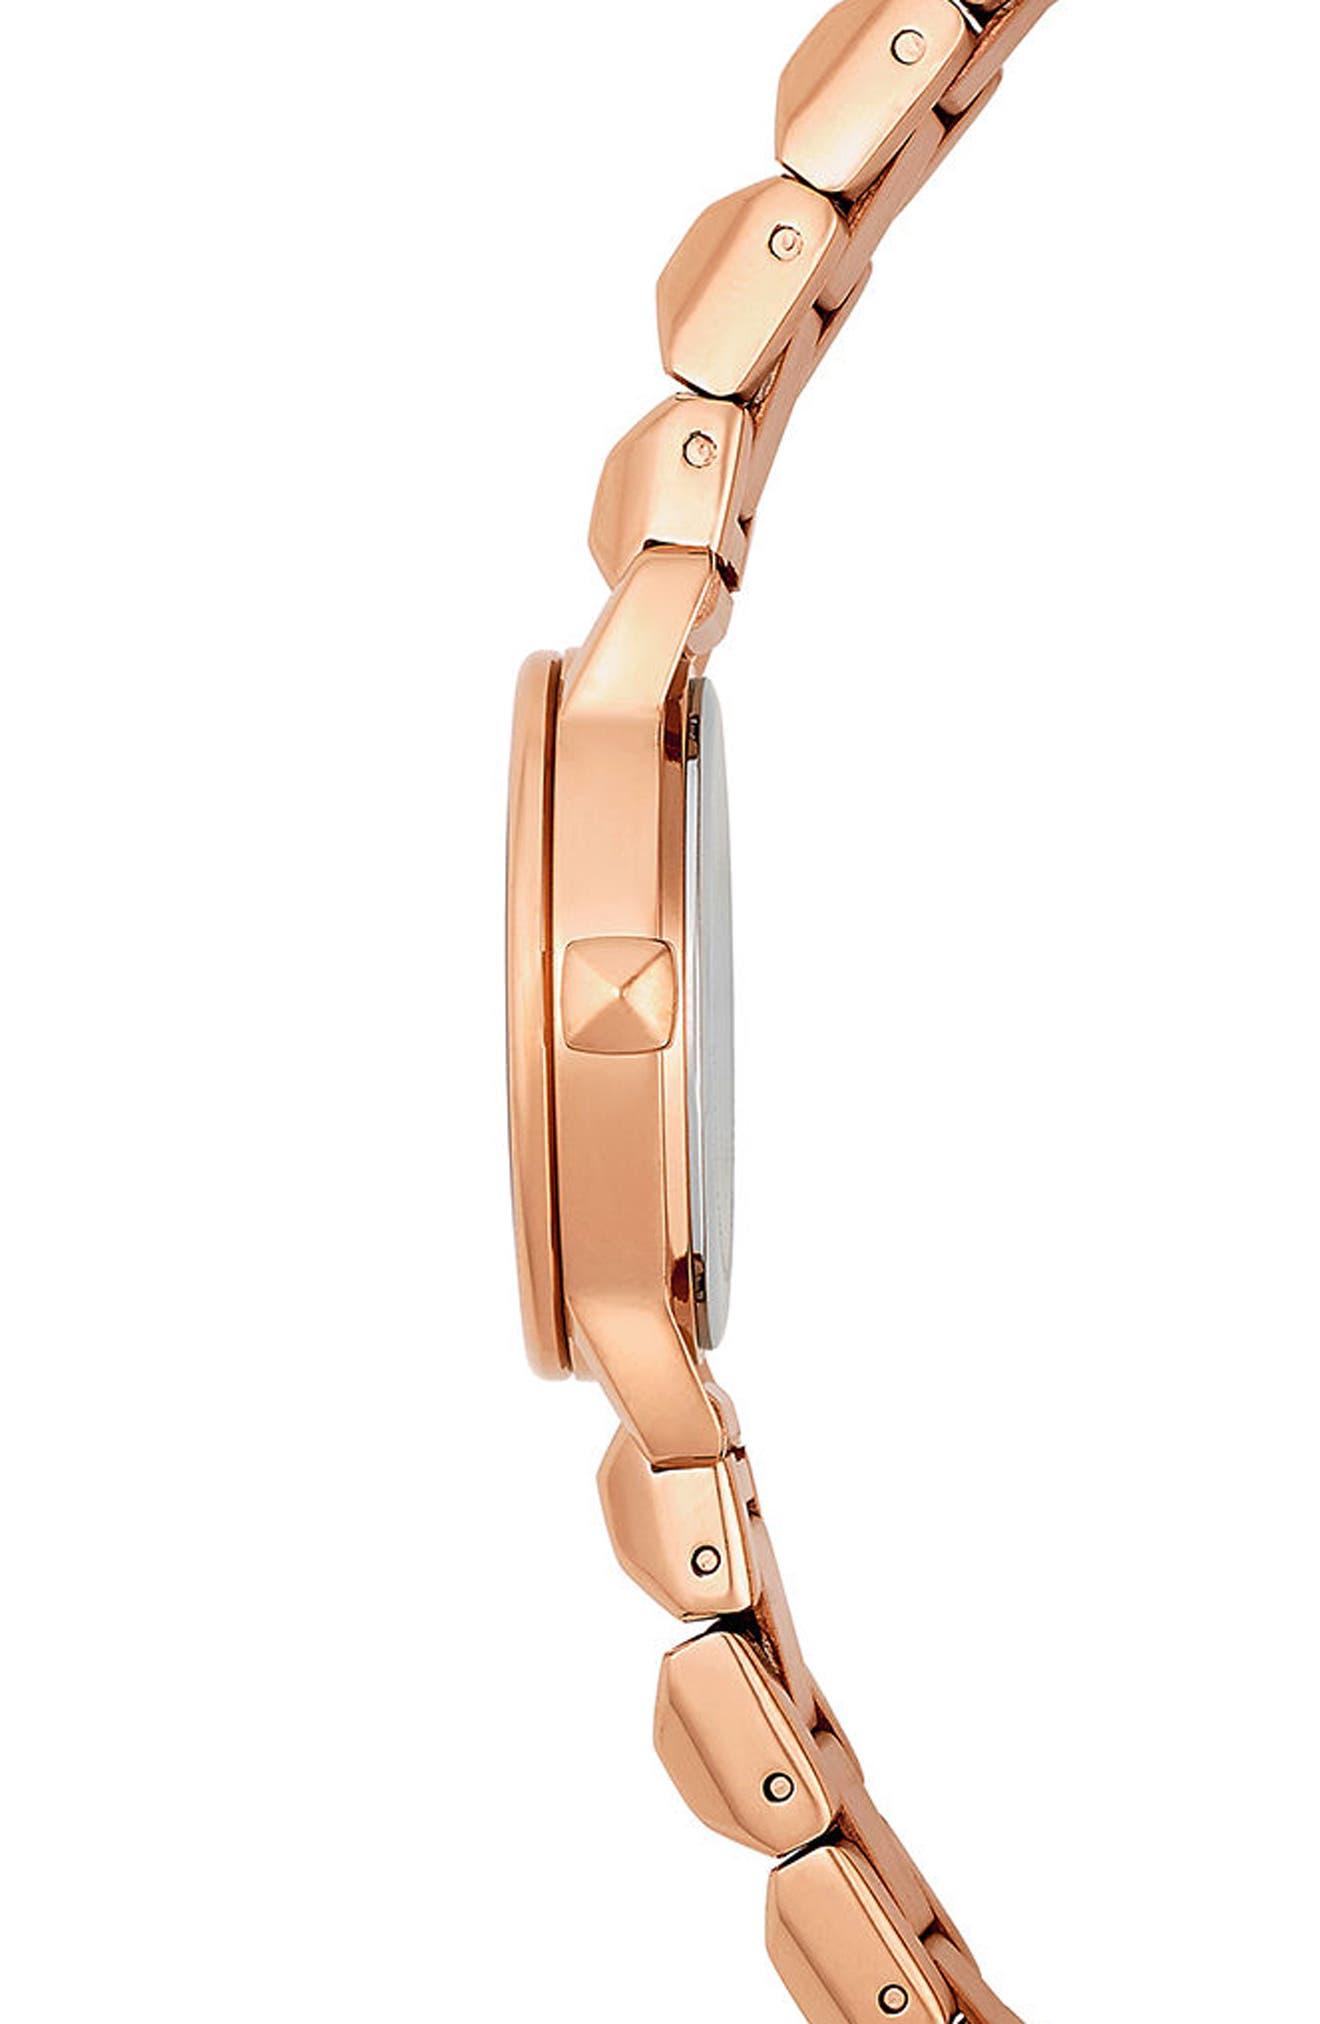 BFFL Bracelet Watch, 25mm,                             Alternate thumbnail 3, color,                             Rose Gold/ Black/ Rose Gold